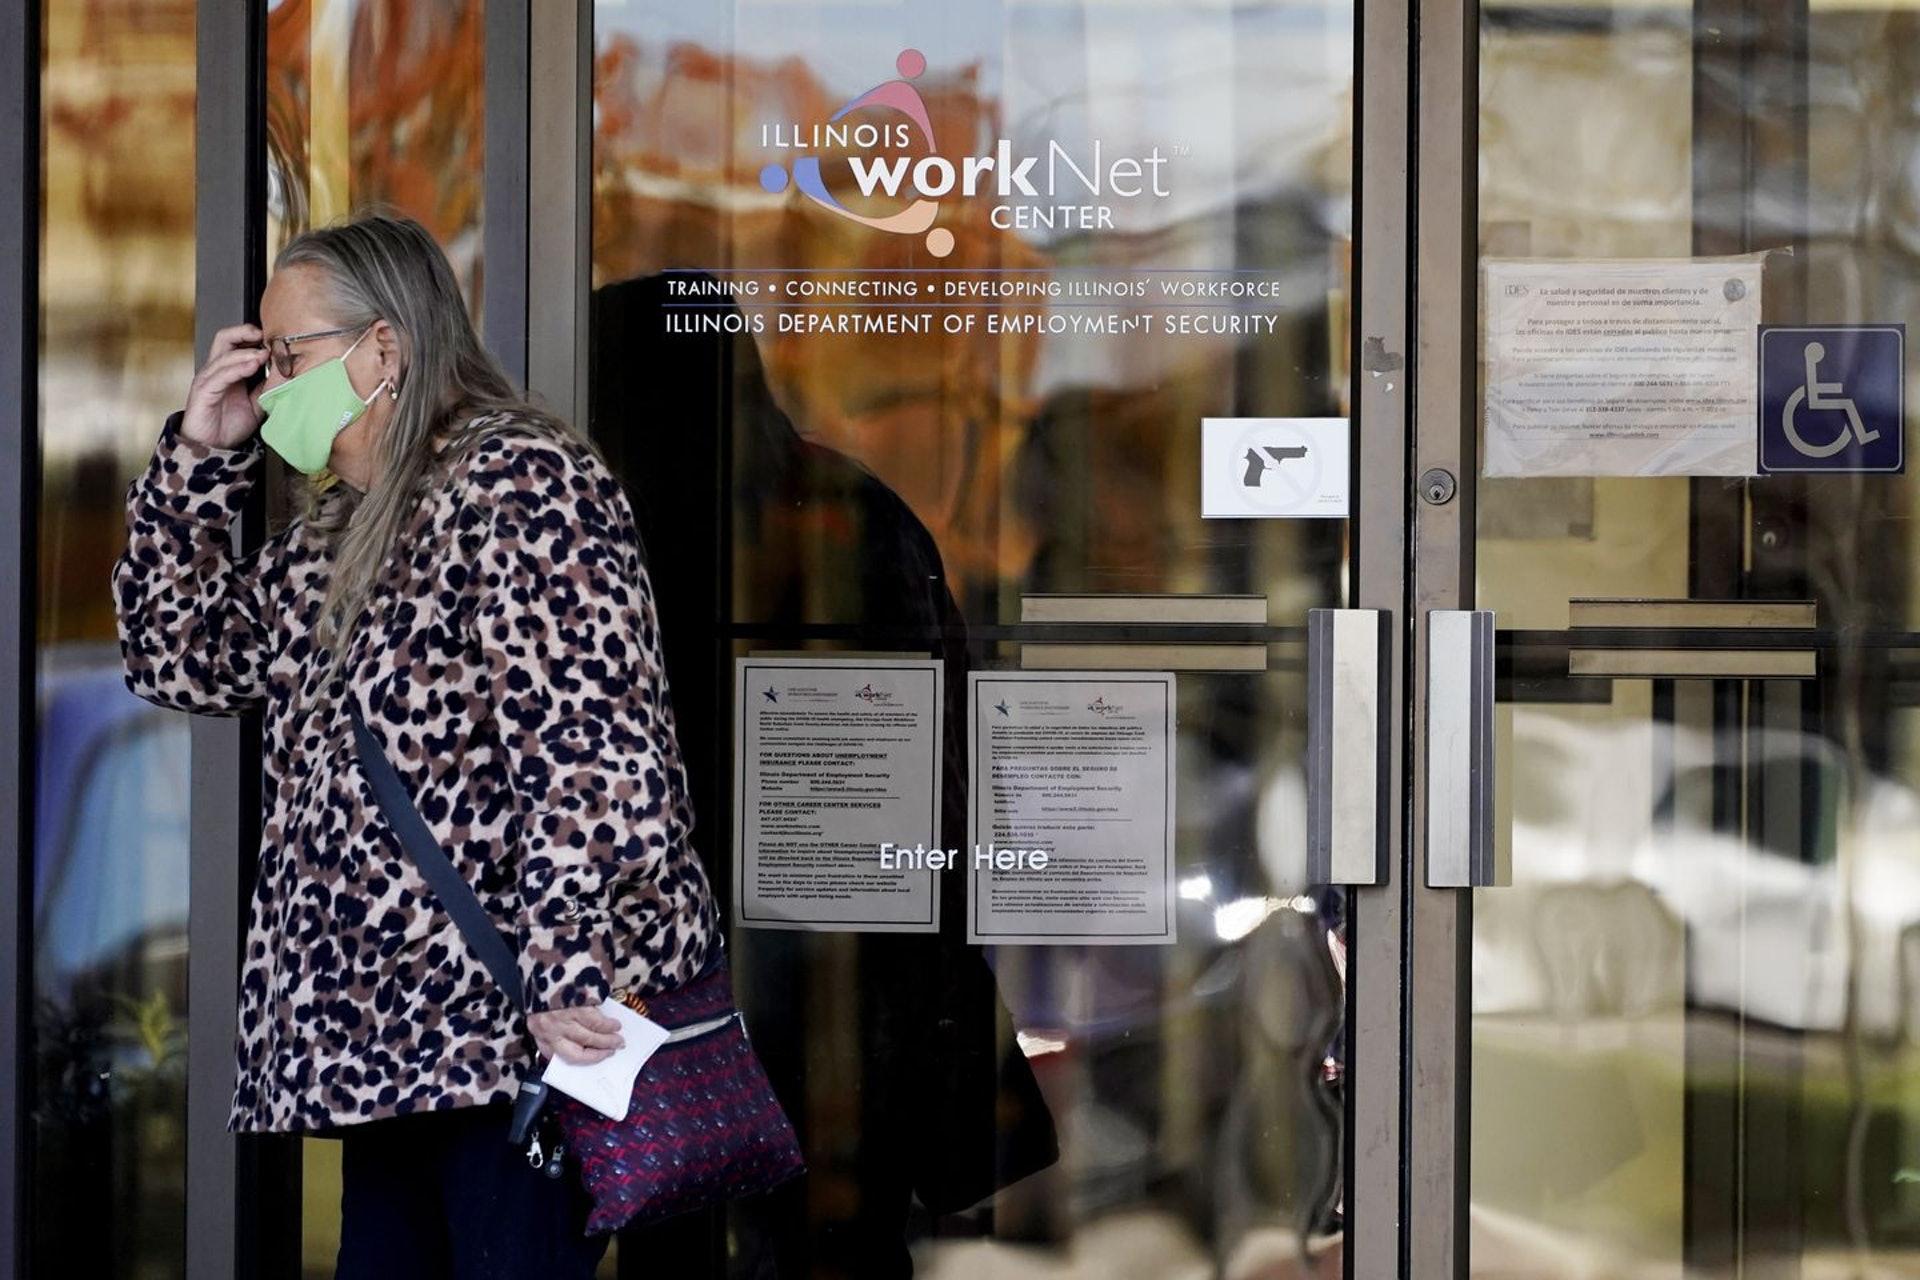 美國領取失業救濟金的人數回升至74.2萬人,圖為伊利諾伊州一位婦女11月從求職中心內走出。(美聯社)